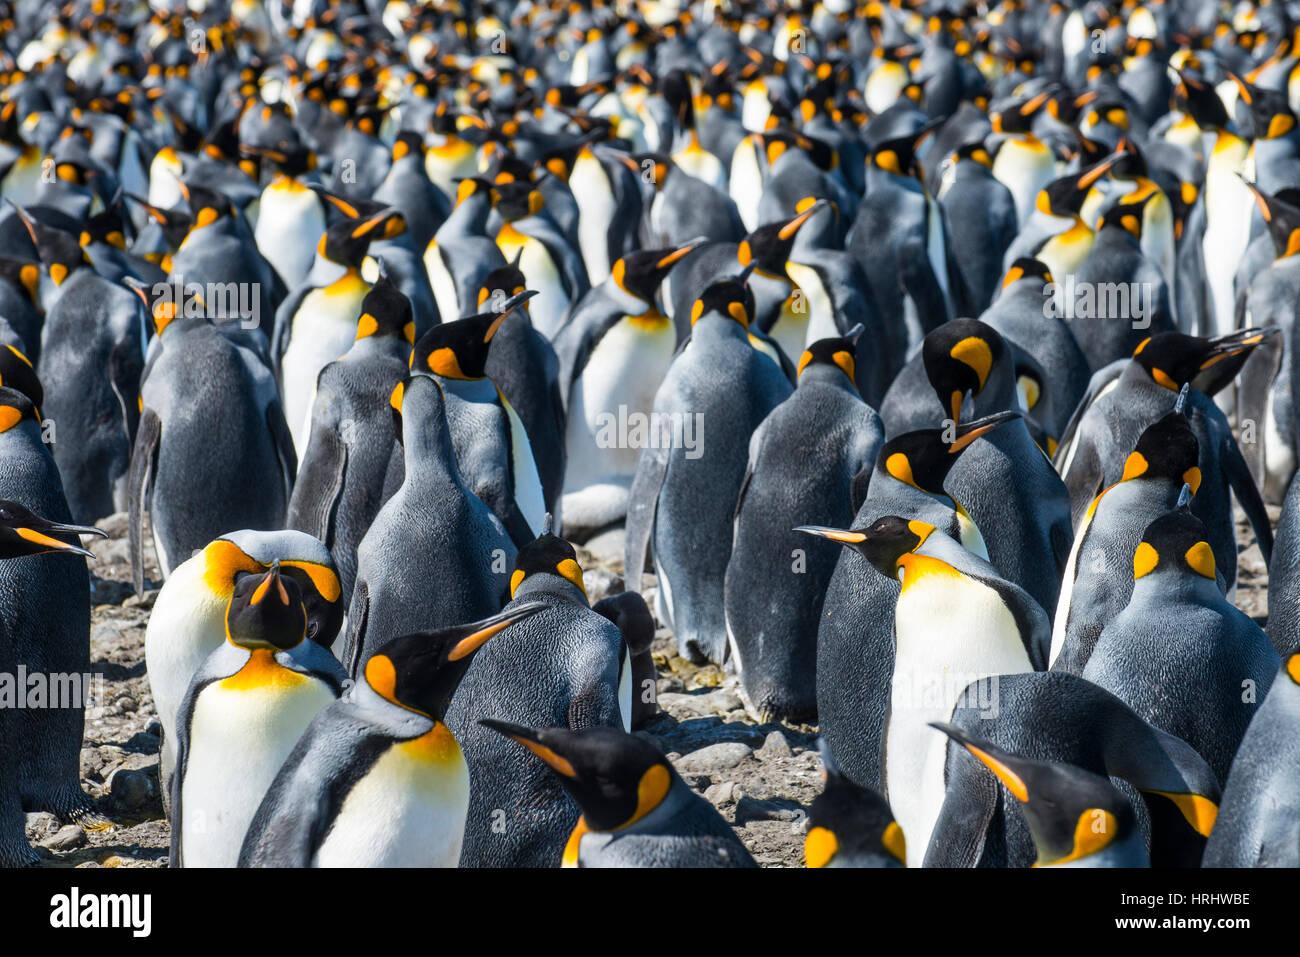 Giant pingüinos rey (Aptenodytes patagonicus) colonia, la llanura de Salisbury, Georgia del Sur, en la Antártida, las regiones polares Foto de stock